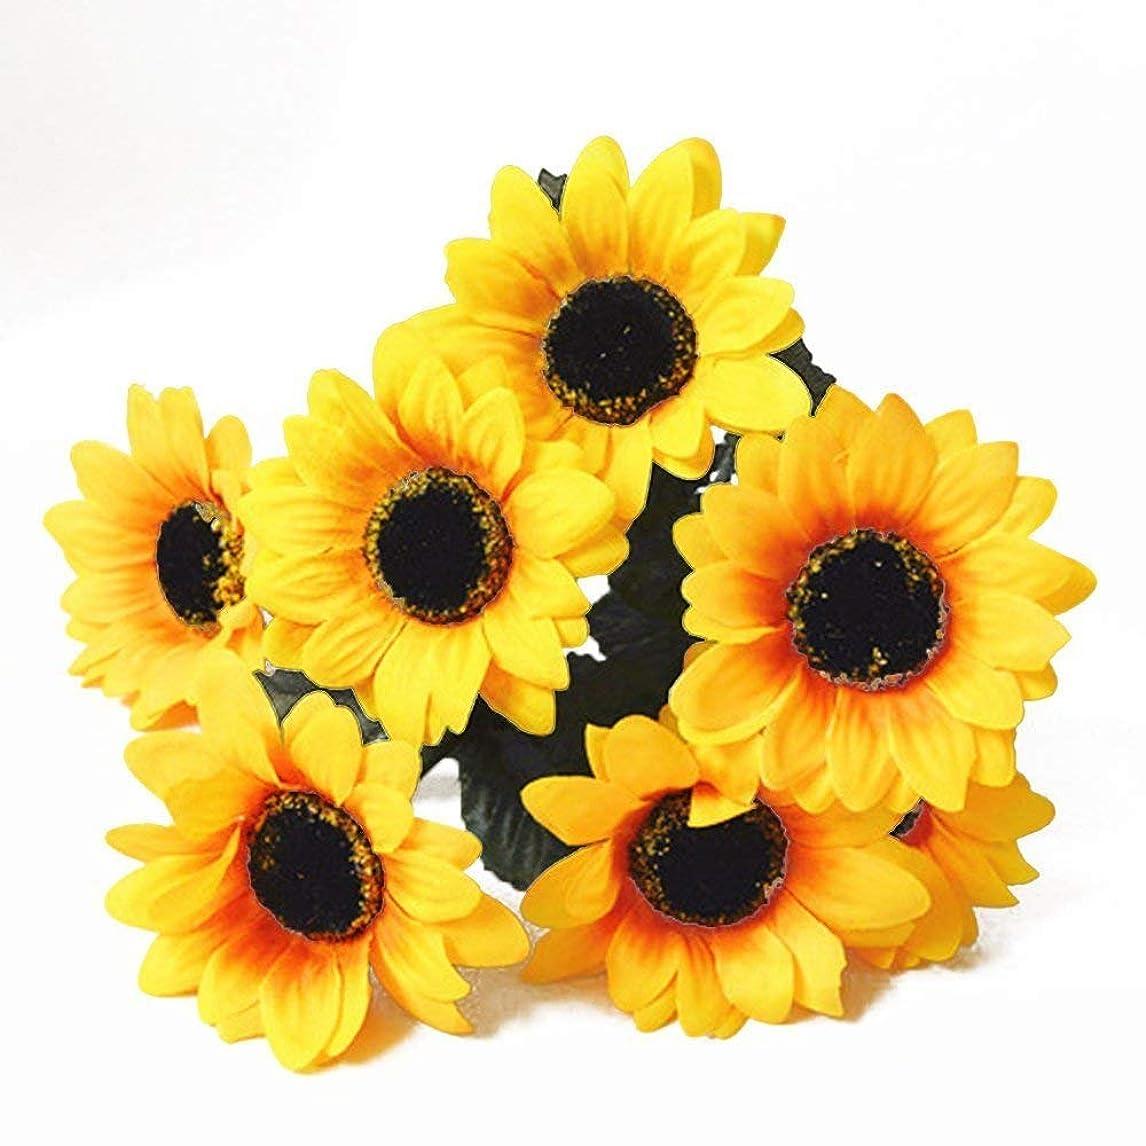 ビュッフェ発掘大宇宙Onior 家の装飾のための造花のヒマワリの束1x丈夫で便利